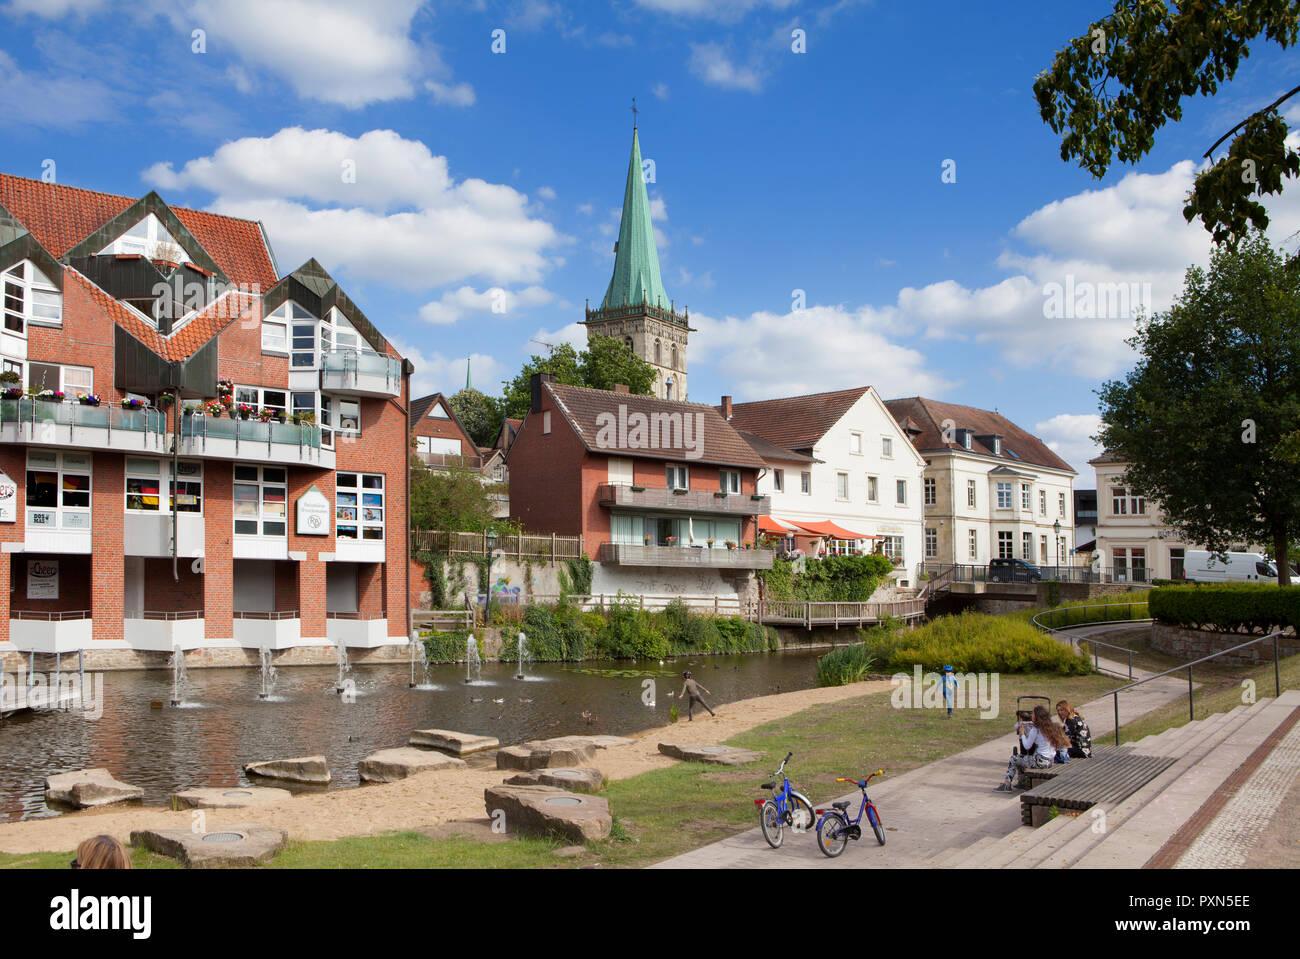 Cityscape de Kevelaer, Münsterland, Nordrhein-Westfalen, Germany, Europe Banque D'Images